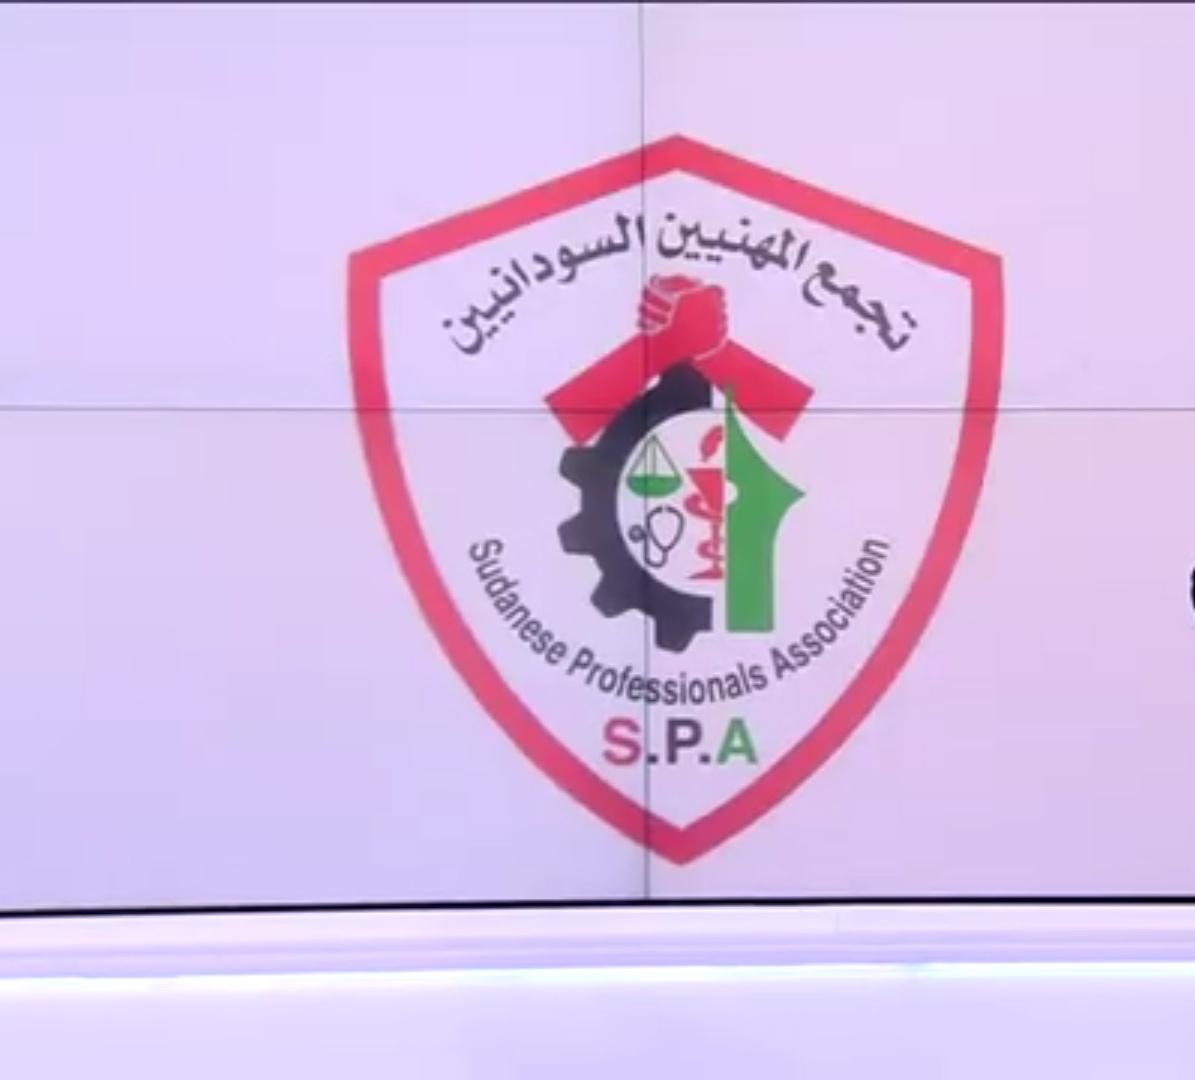 بالفيديو ..  مراسل الغد: لم يتم حسم الأسماء المرشحة للحكومة السودانية